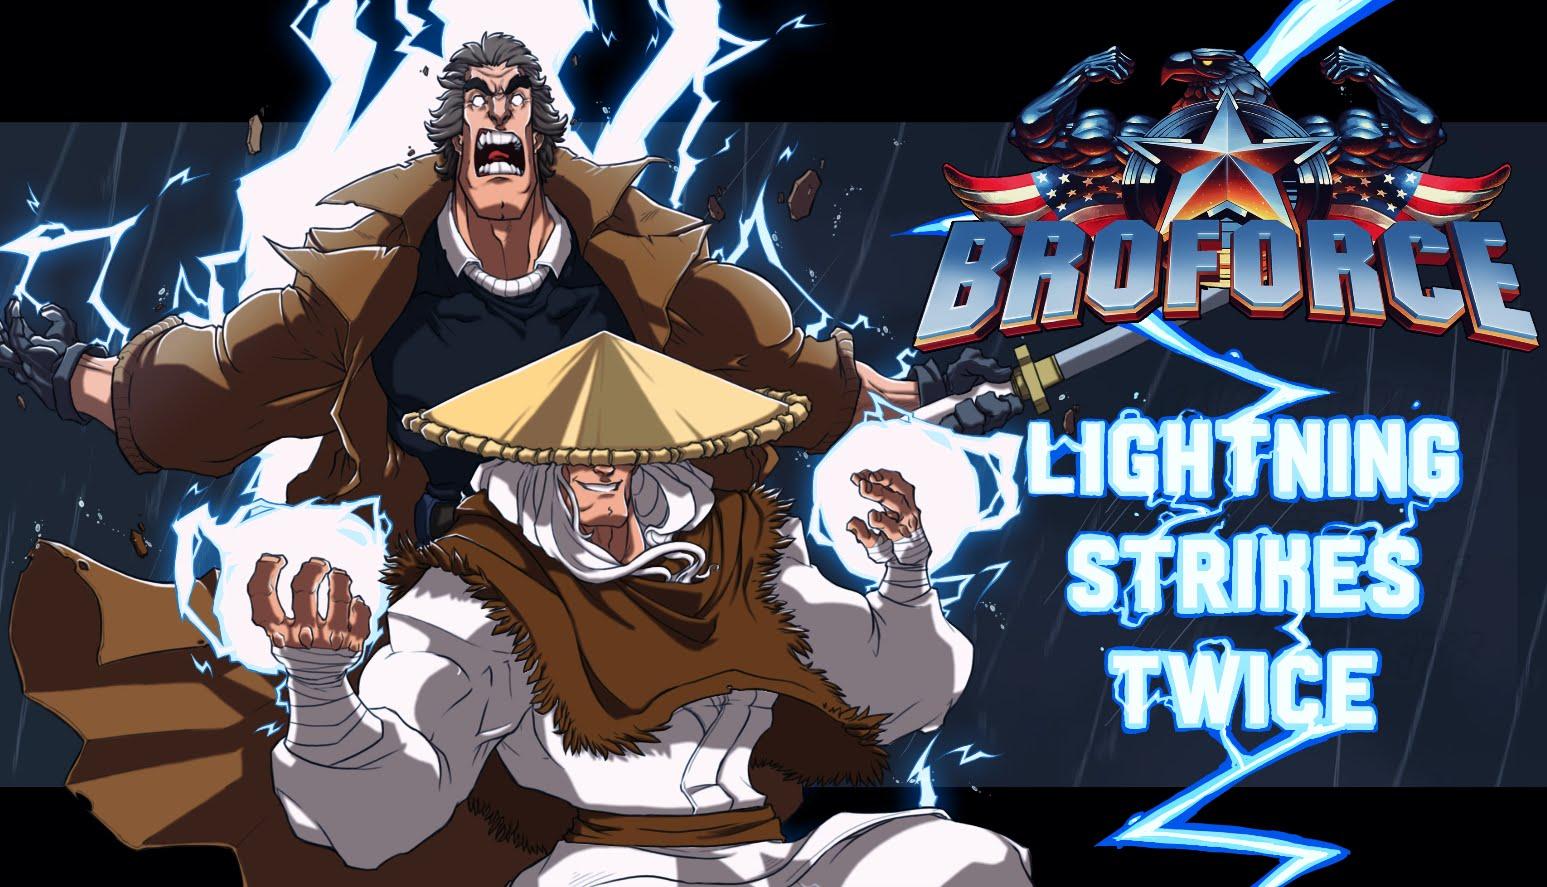 Broforce Lightning Strikes Twice Update thumbnail